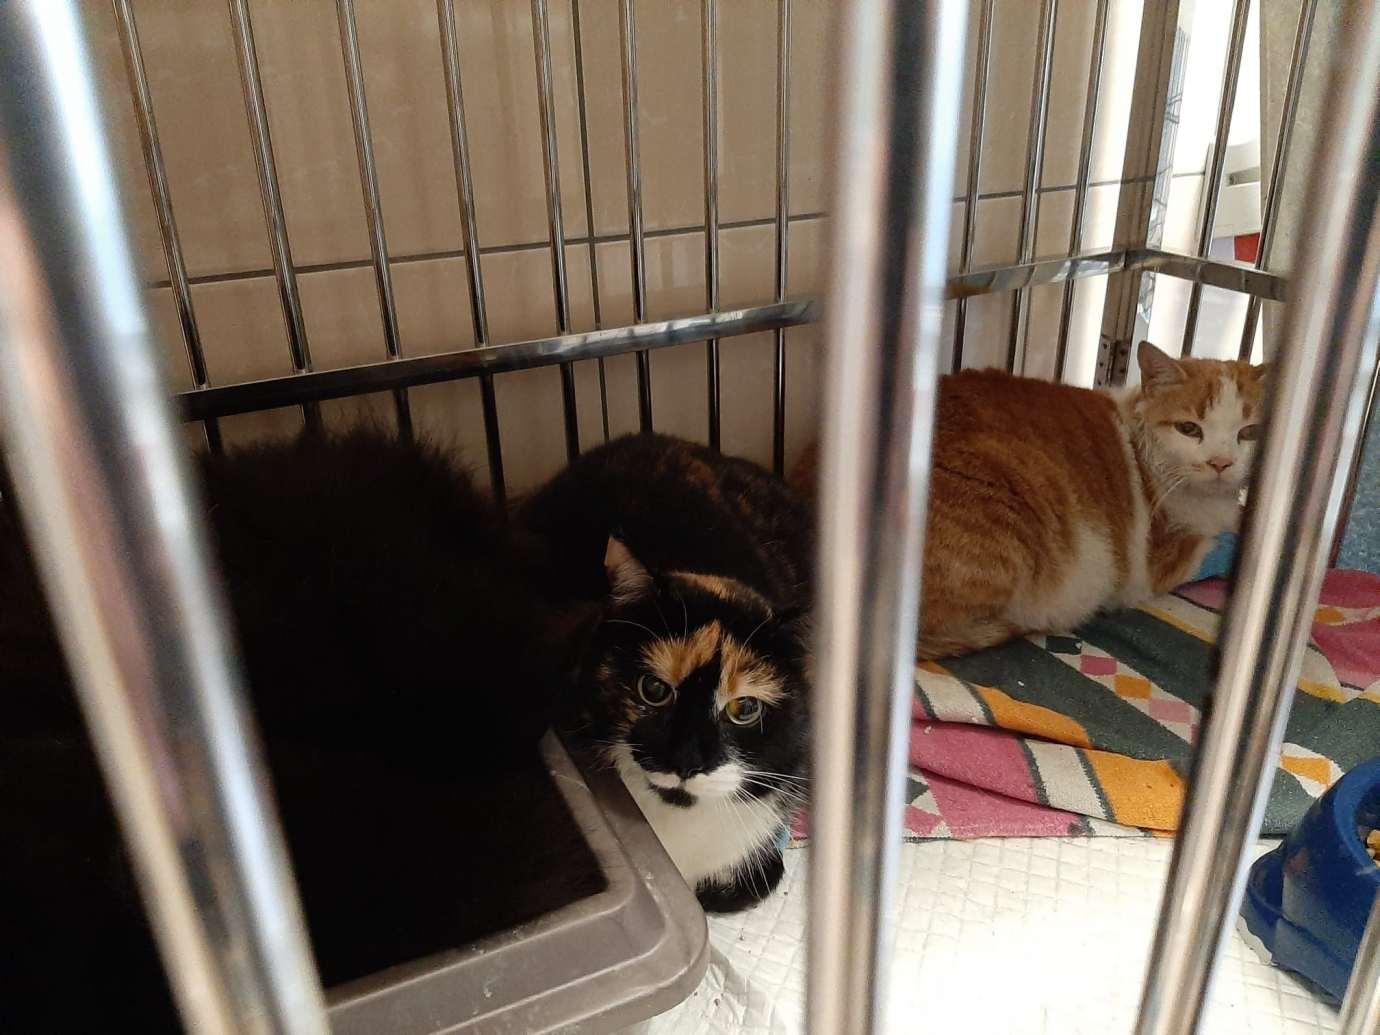 kot5 Gm. Zamość: Strażacy uratowali z pożaru domu trzy koty. Podali im tlen [ZDJĘCIA]